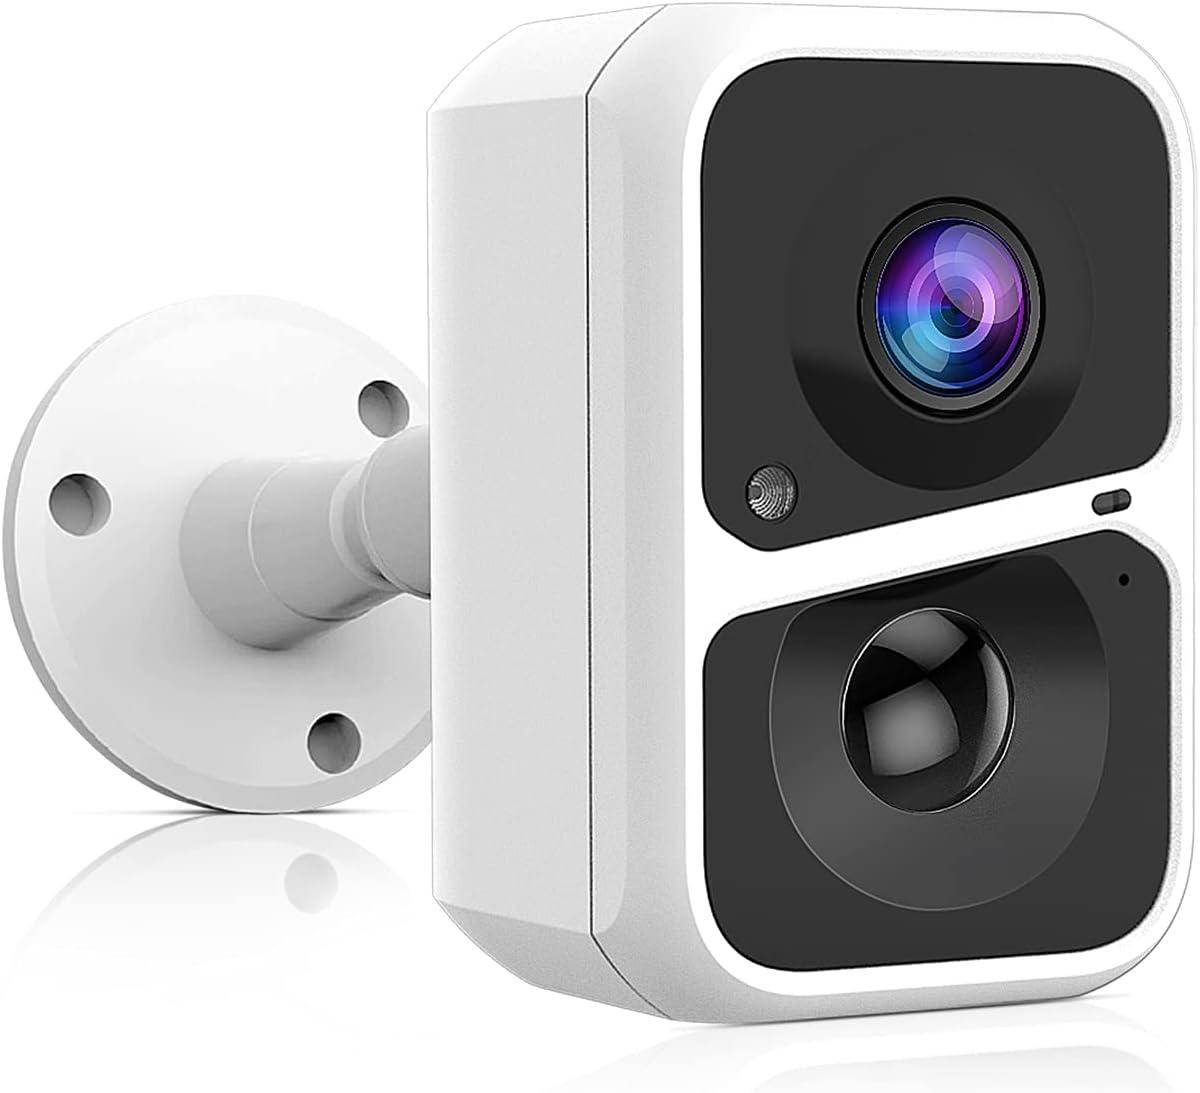 Everenty Cámara de Vigilancia,HD 1080P Camara Vigilancia WiFi Exterior con Batería de 5200 MAH, Videovigilancia Inalámbrica, Detección de Movimiento Humano, Audio Bidireccional,Visión Nocturna, Alexa